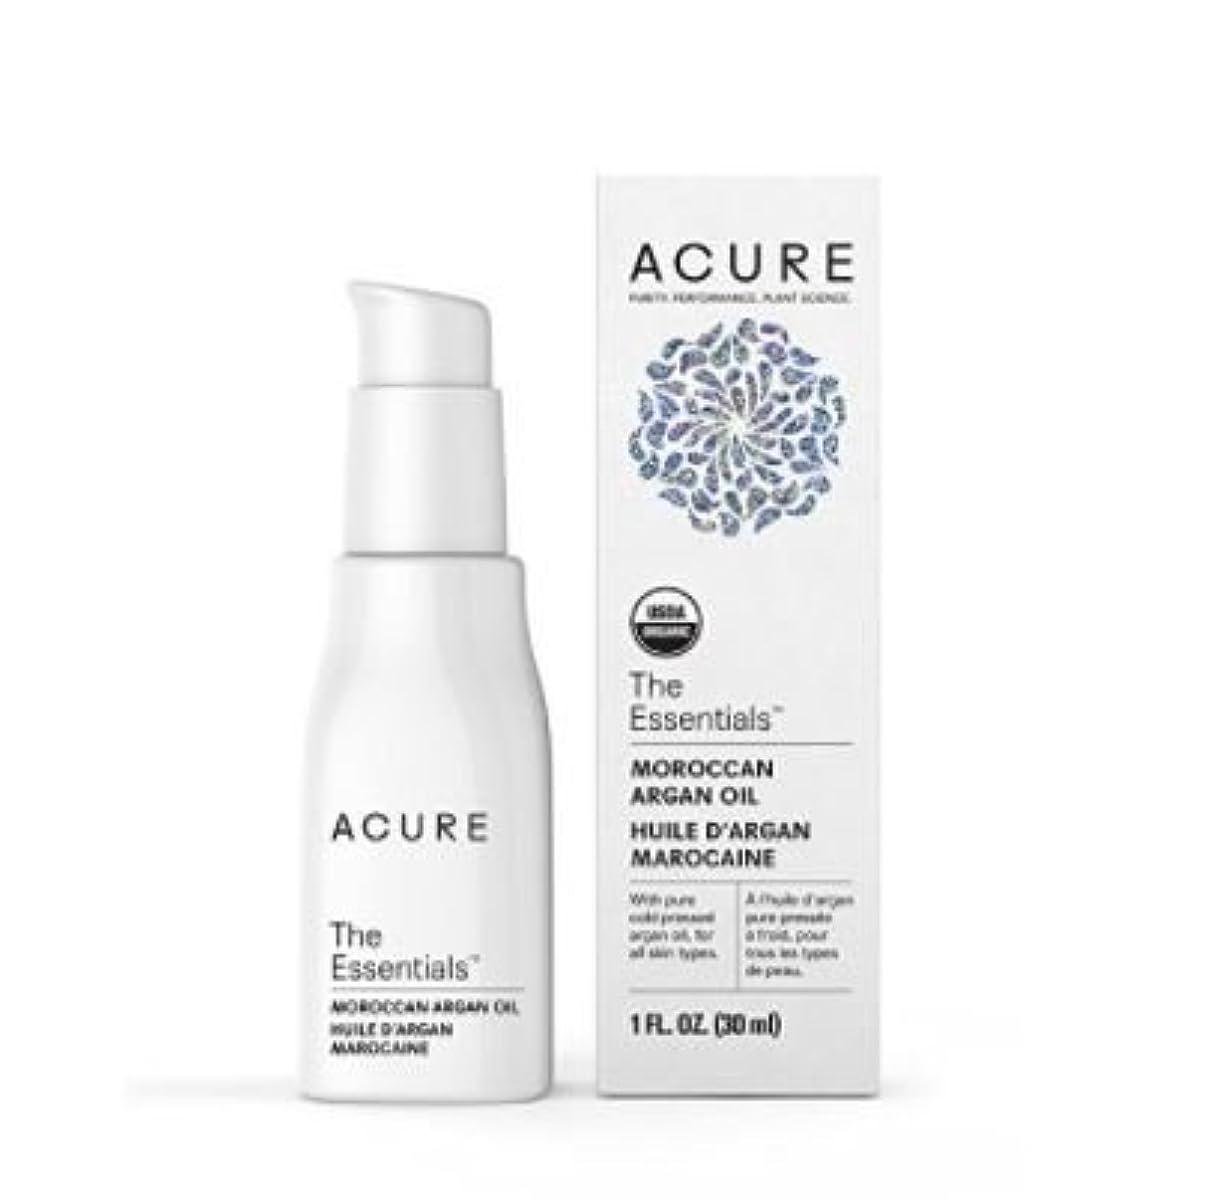 ベンチ恒久的嬉しいですAcure Organics オーガニック モロッコ原産 アルガンオイル トリートメント 全ての肌タイプ用 1 oz 30ml【並行輸入品】